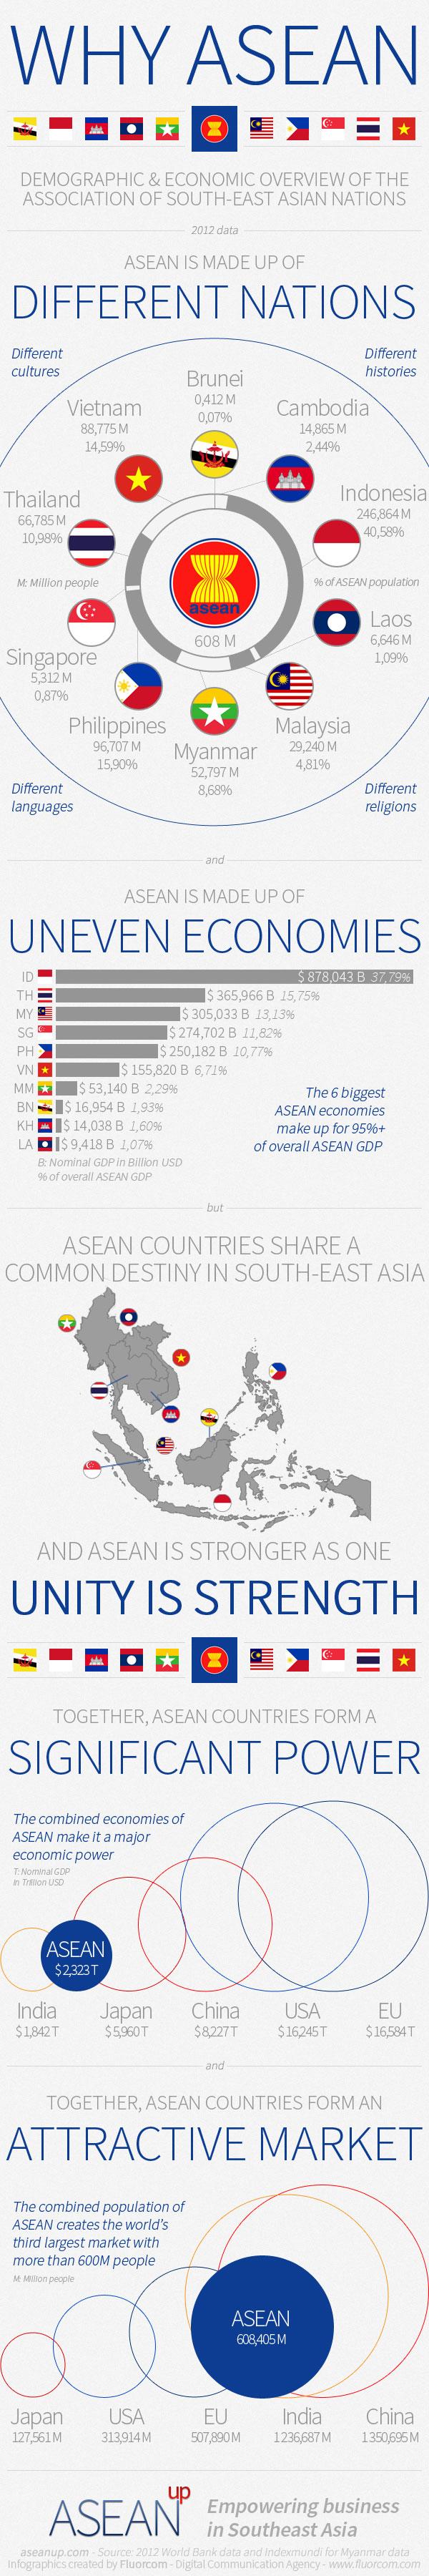 infographic-ASEAN-economy-population